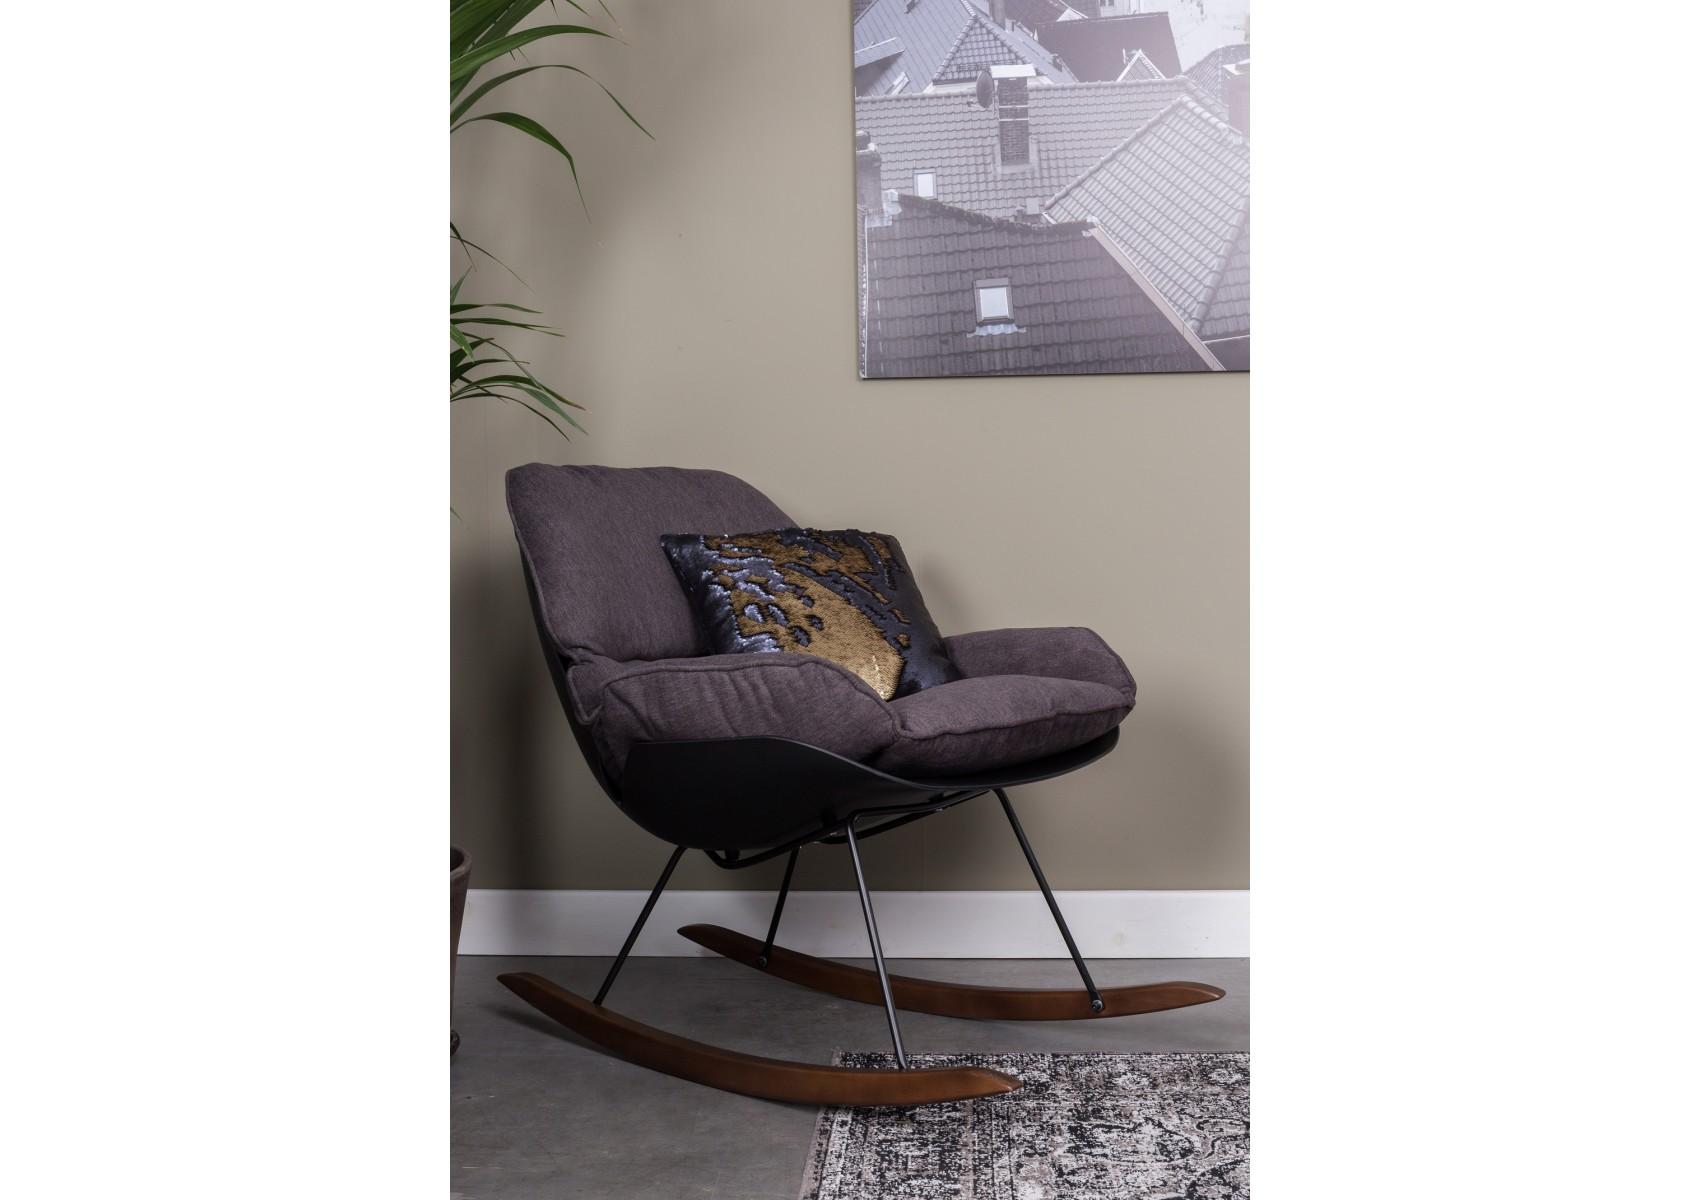 Fauteuil bascule de la collection rocky de chez boite - Fauteuil rocking chair design ...